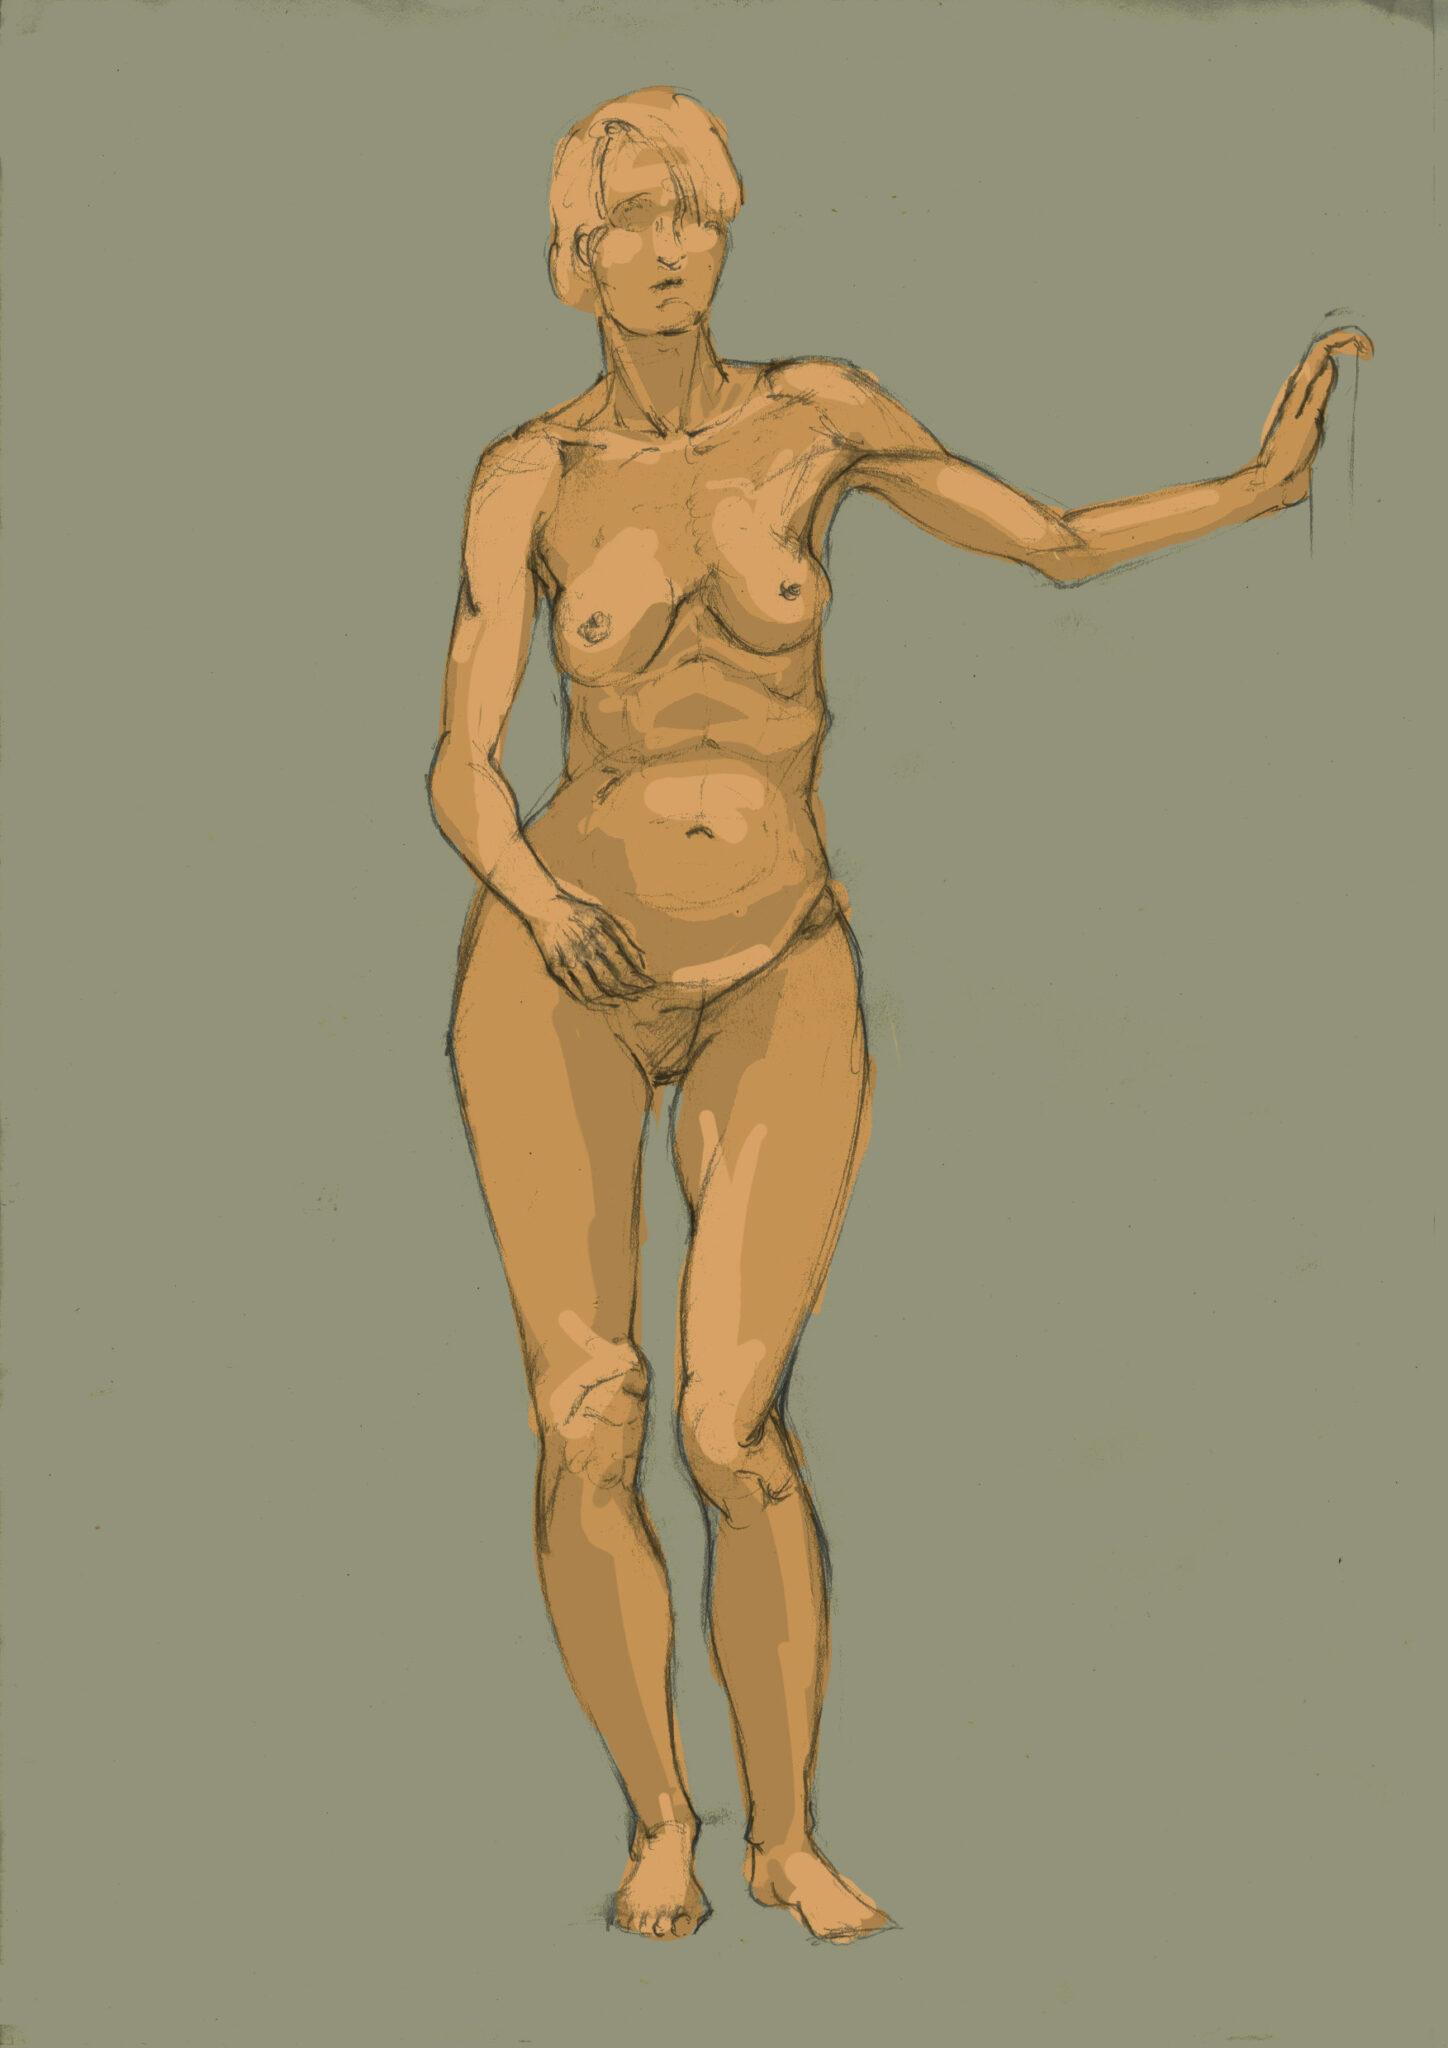 Modele vivant (crayon, colorisation numérique)